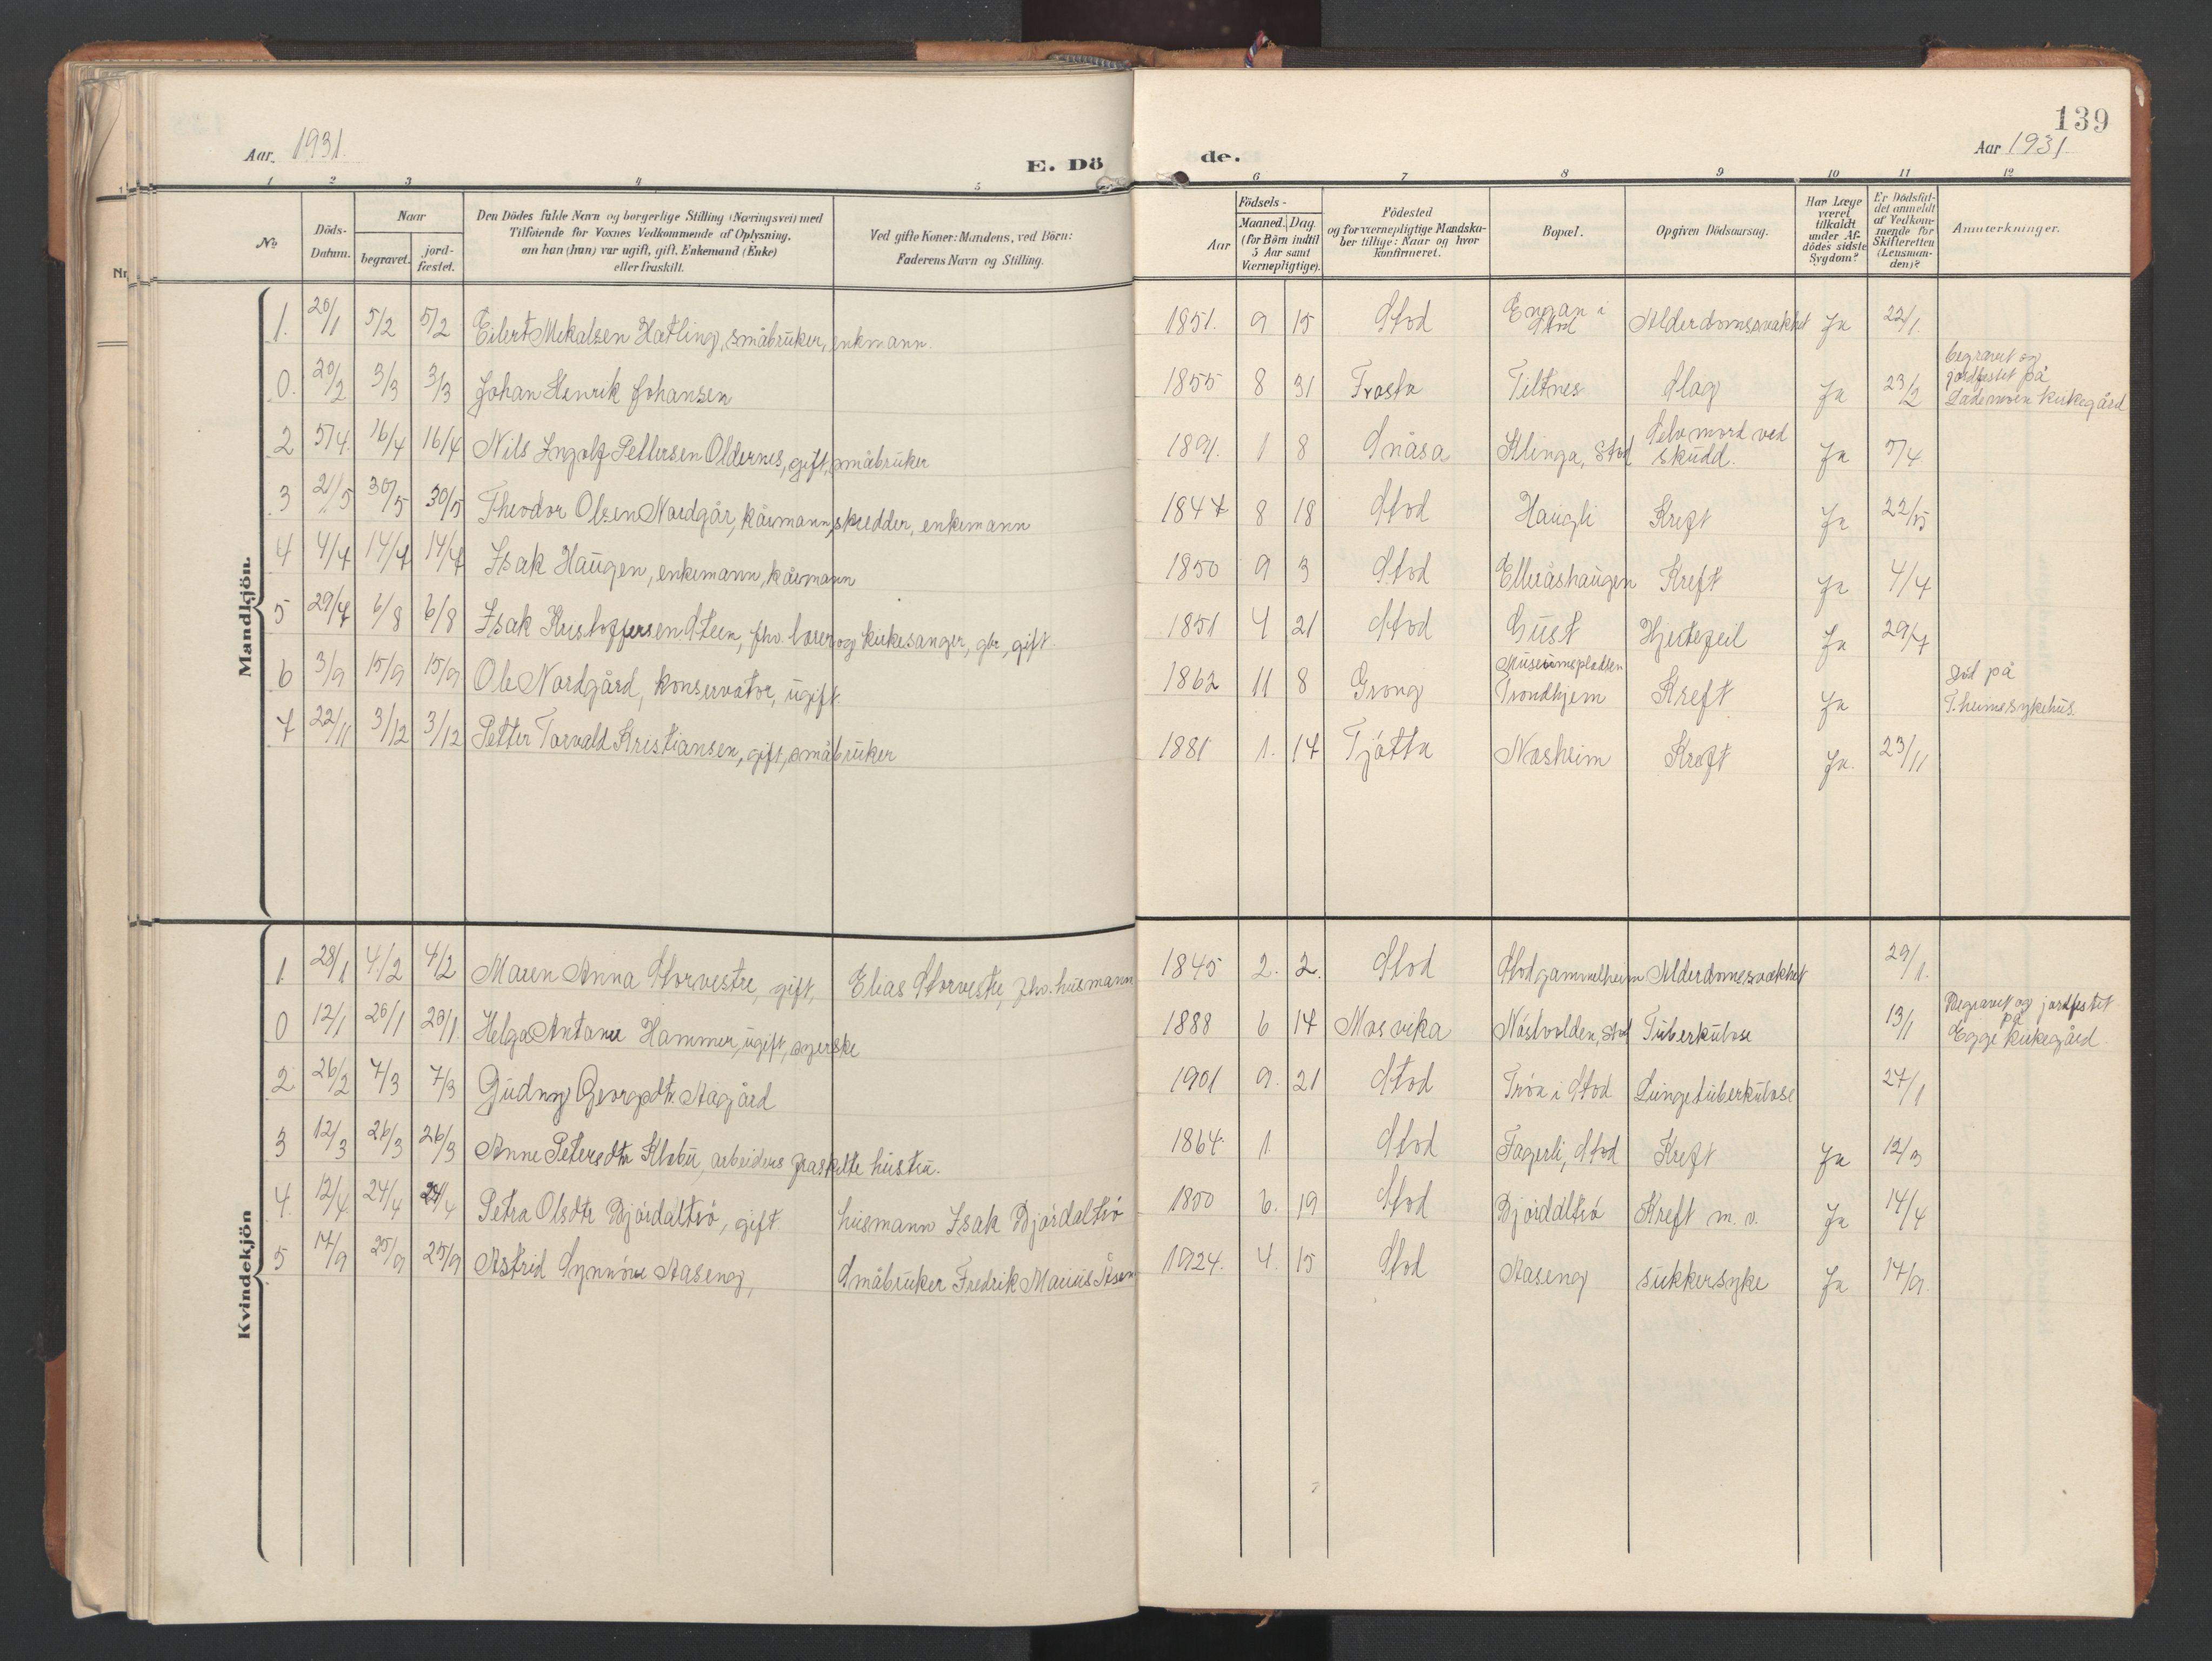 SAT, Ministerialprotokoller, klokkerbøker og fødselsregistre - Nord-Trøndelag, 746/L0455: Klokkerbok nr. 746C01, 1908-1933, s. 139